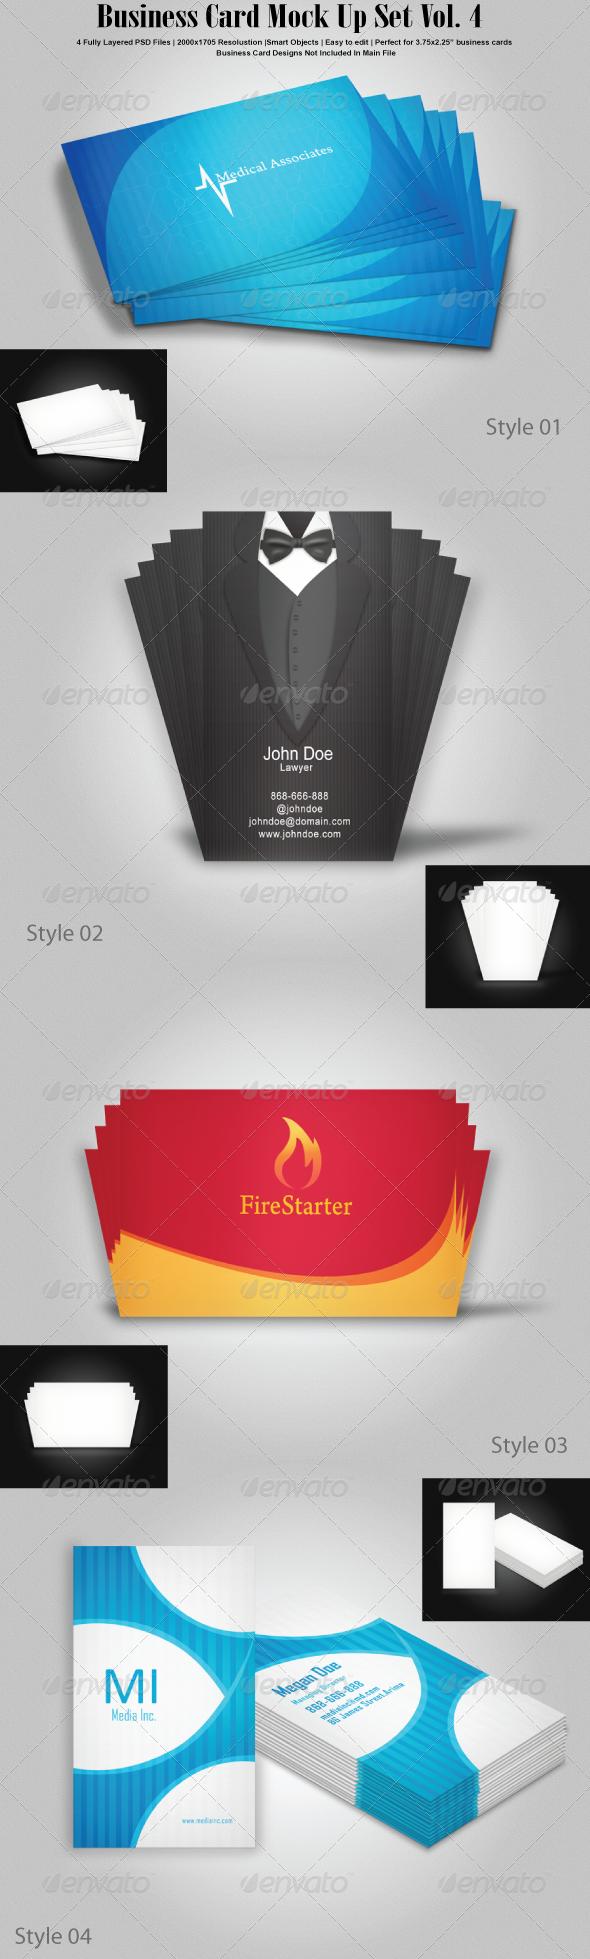 GraphicRiver Business Card Mock Up Set Vol 4 6879658